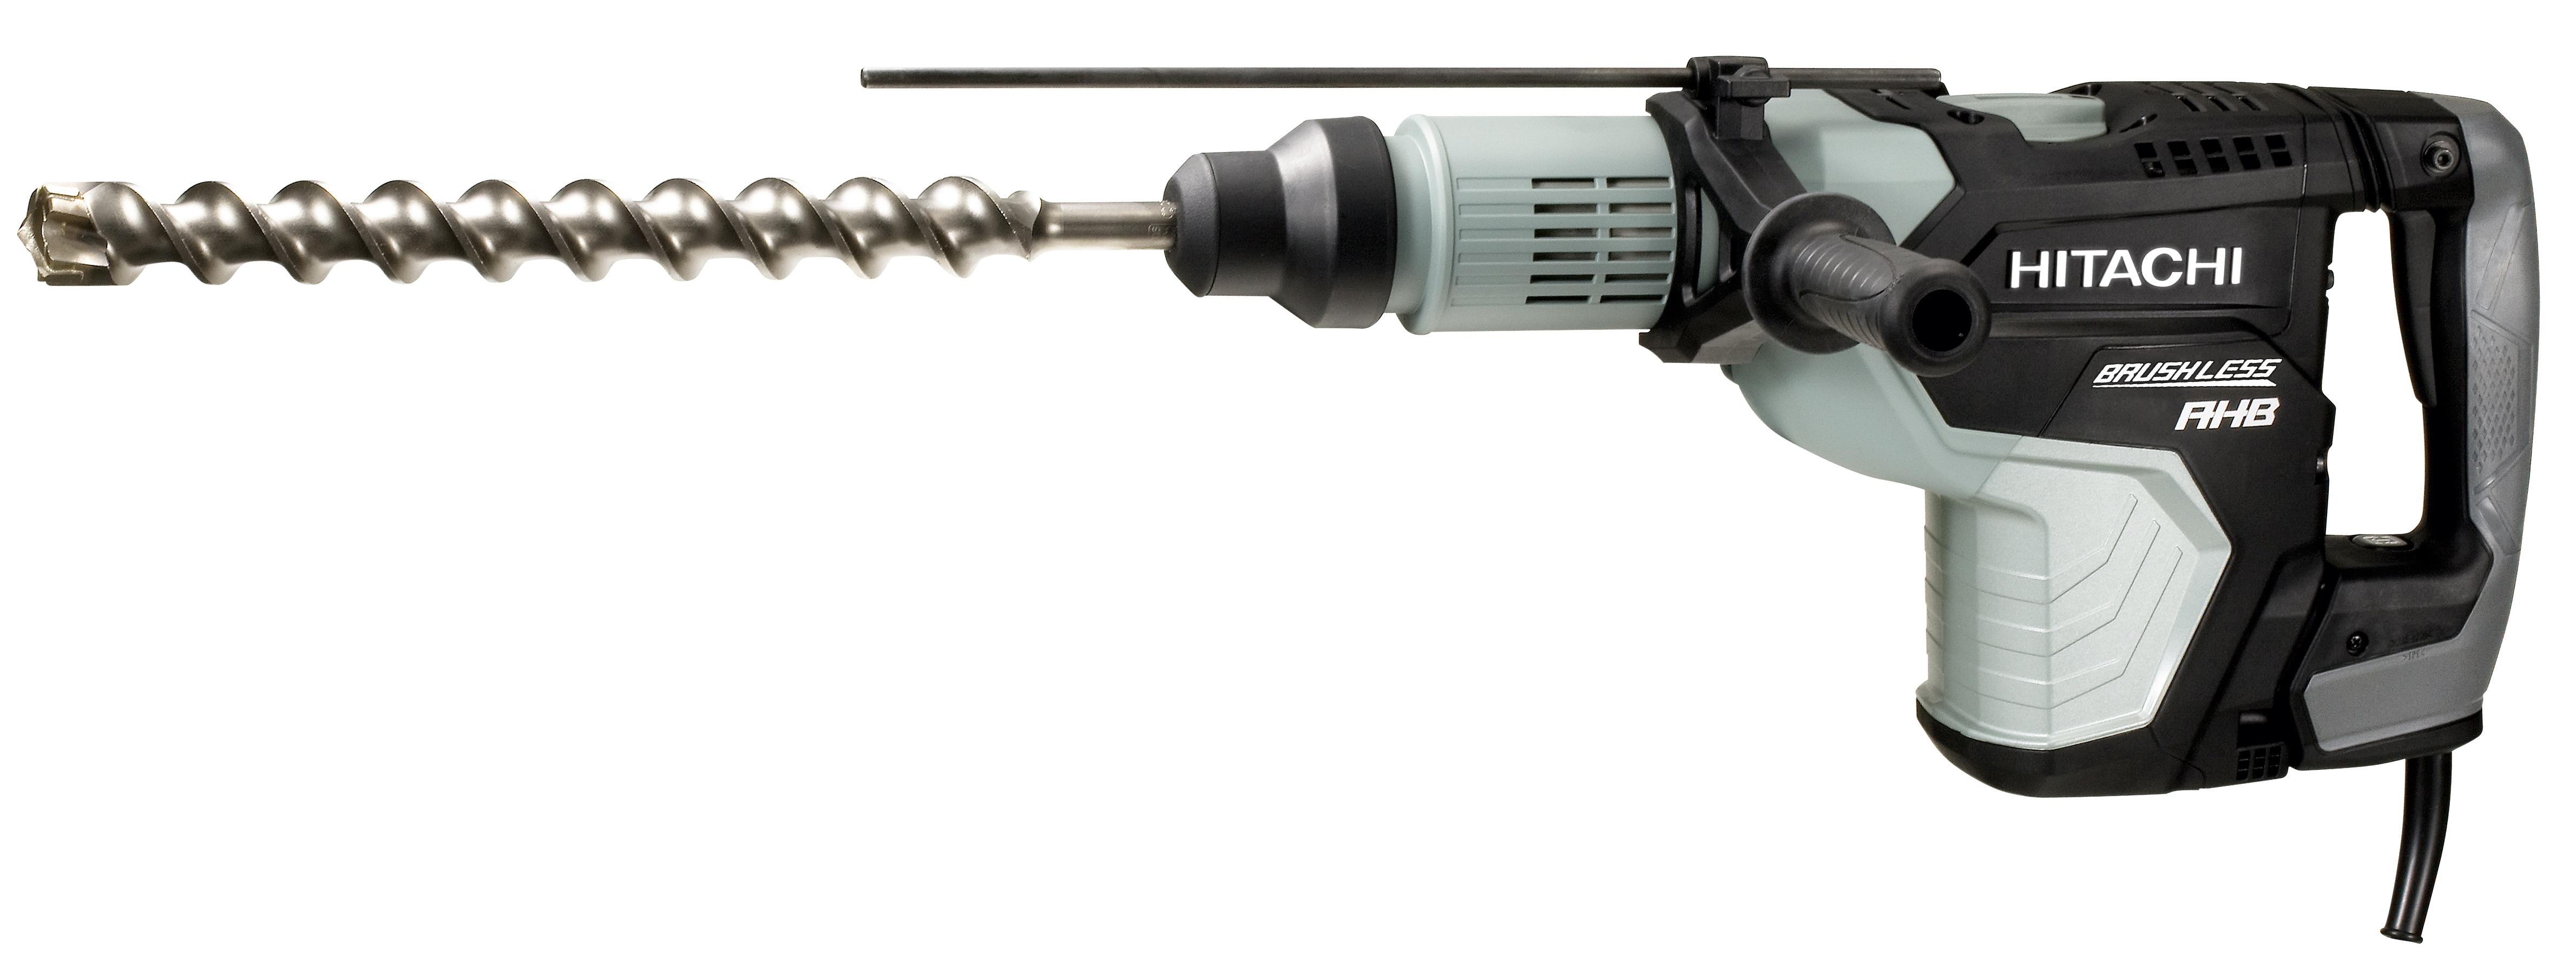 DH45ME-Martillo-Combinado-SdsMax-Brushless